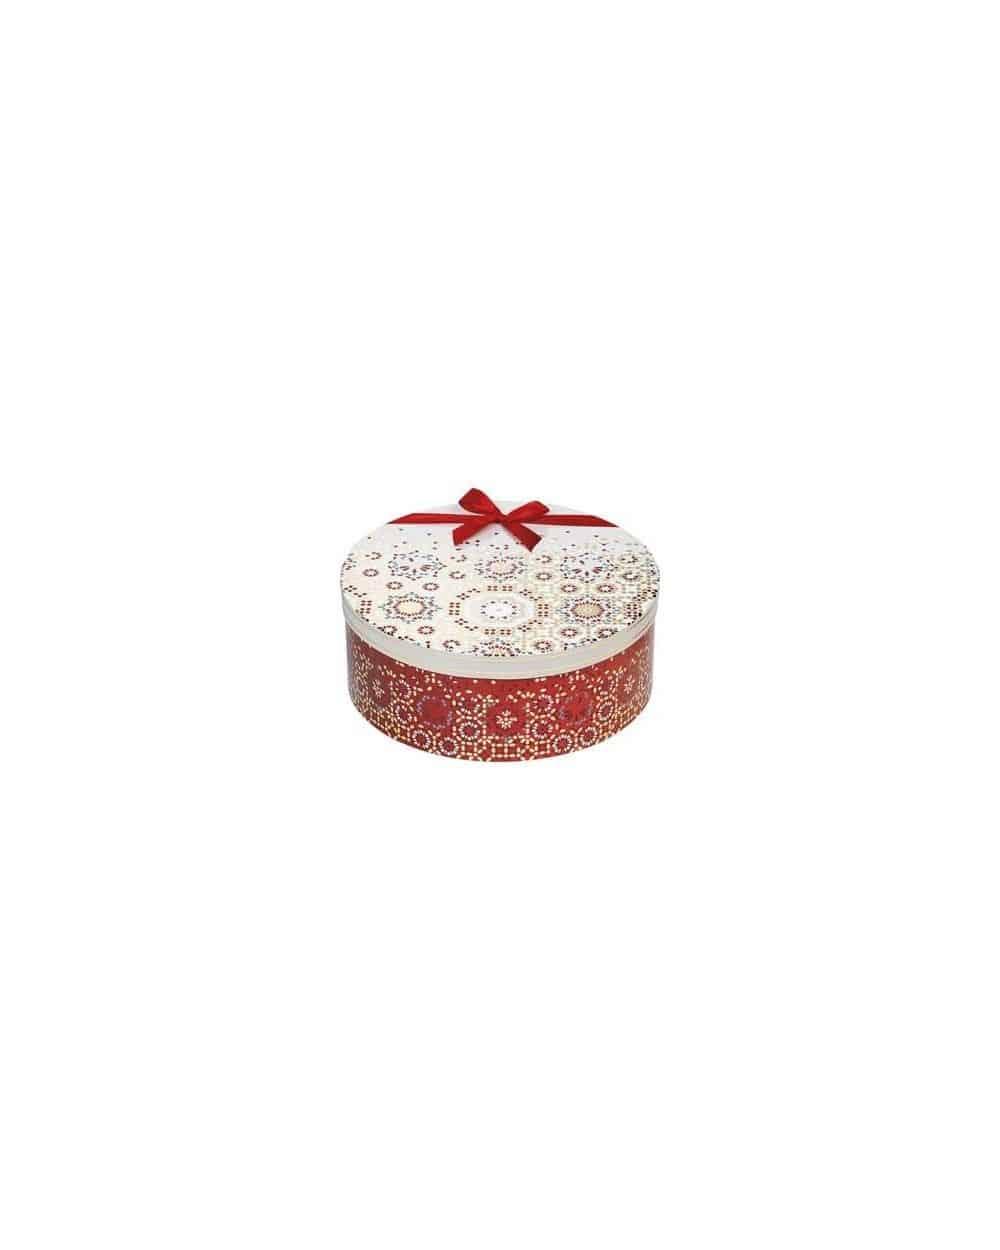 Boîte ronde Bonnes Fêtes blanche et rouge petit modèle